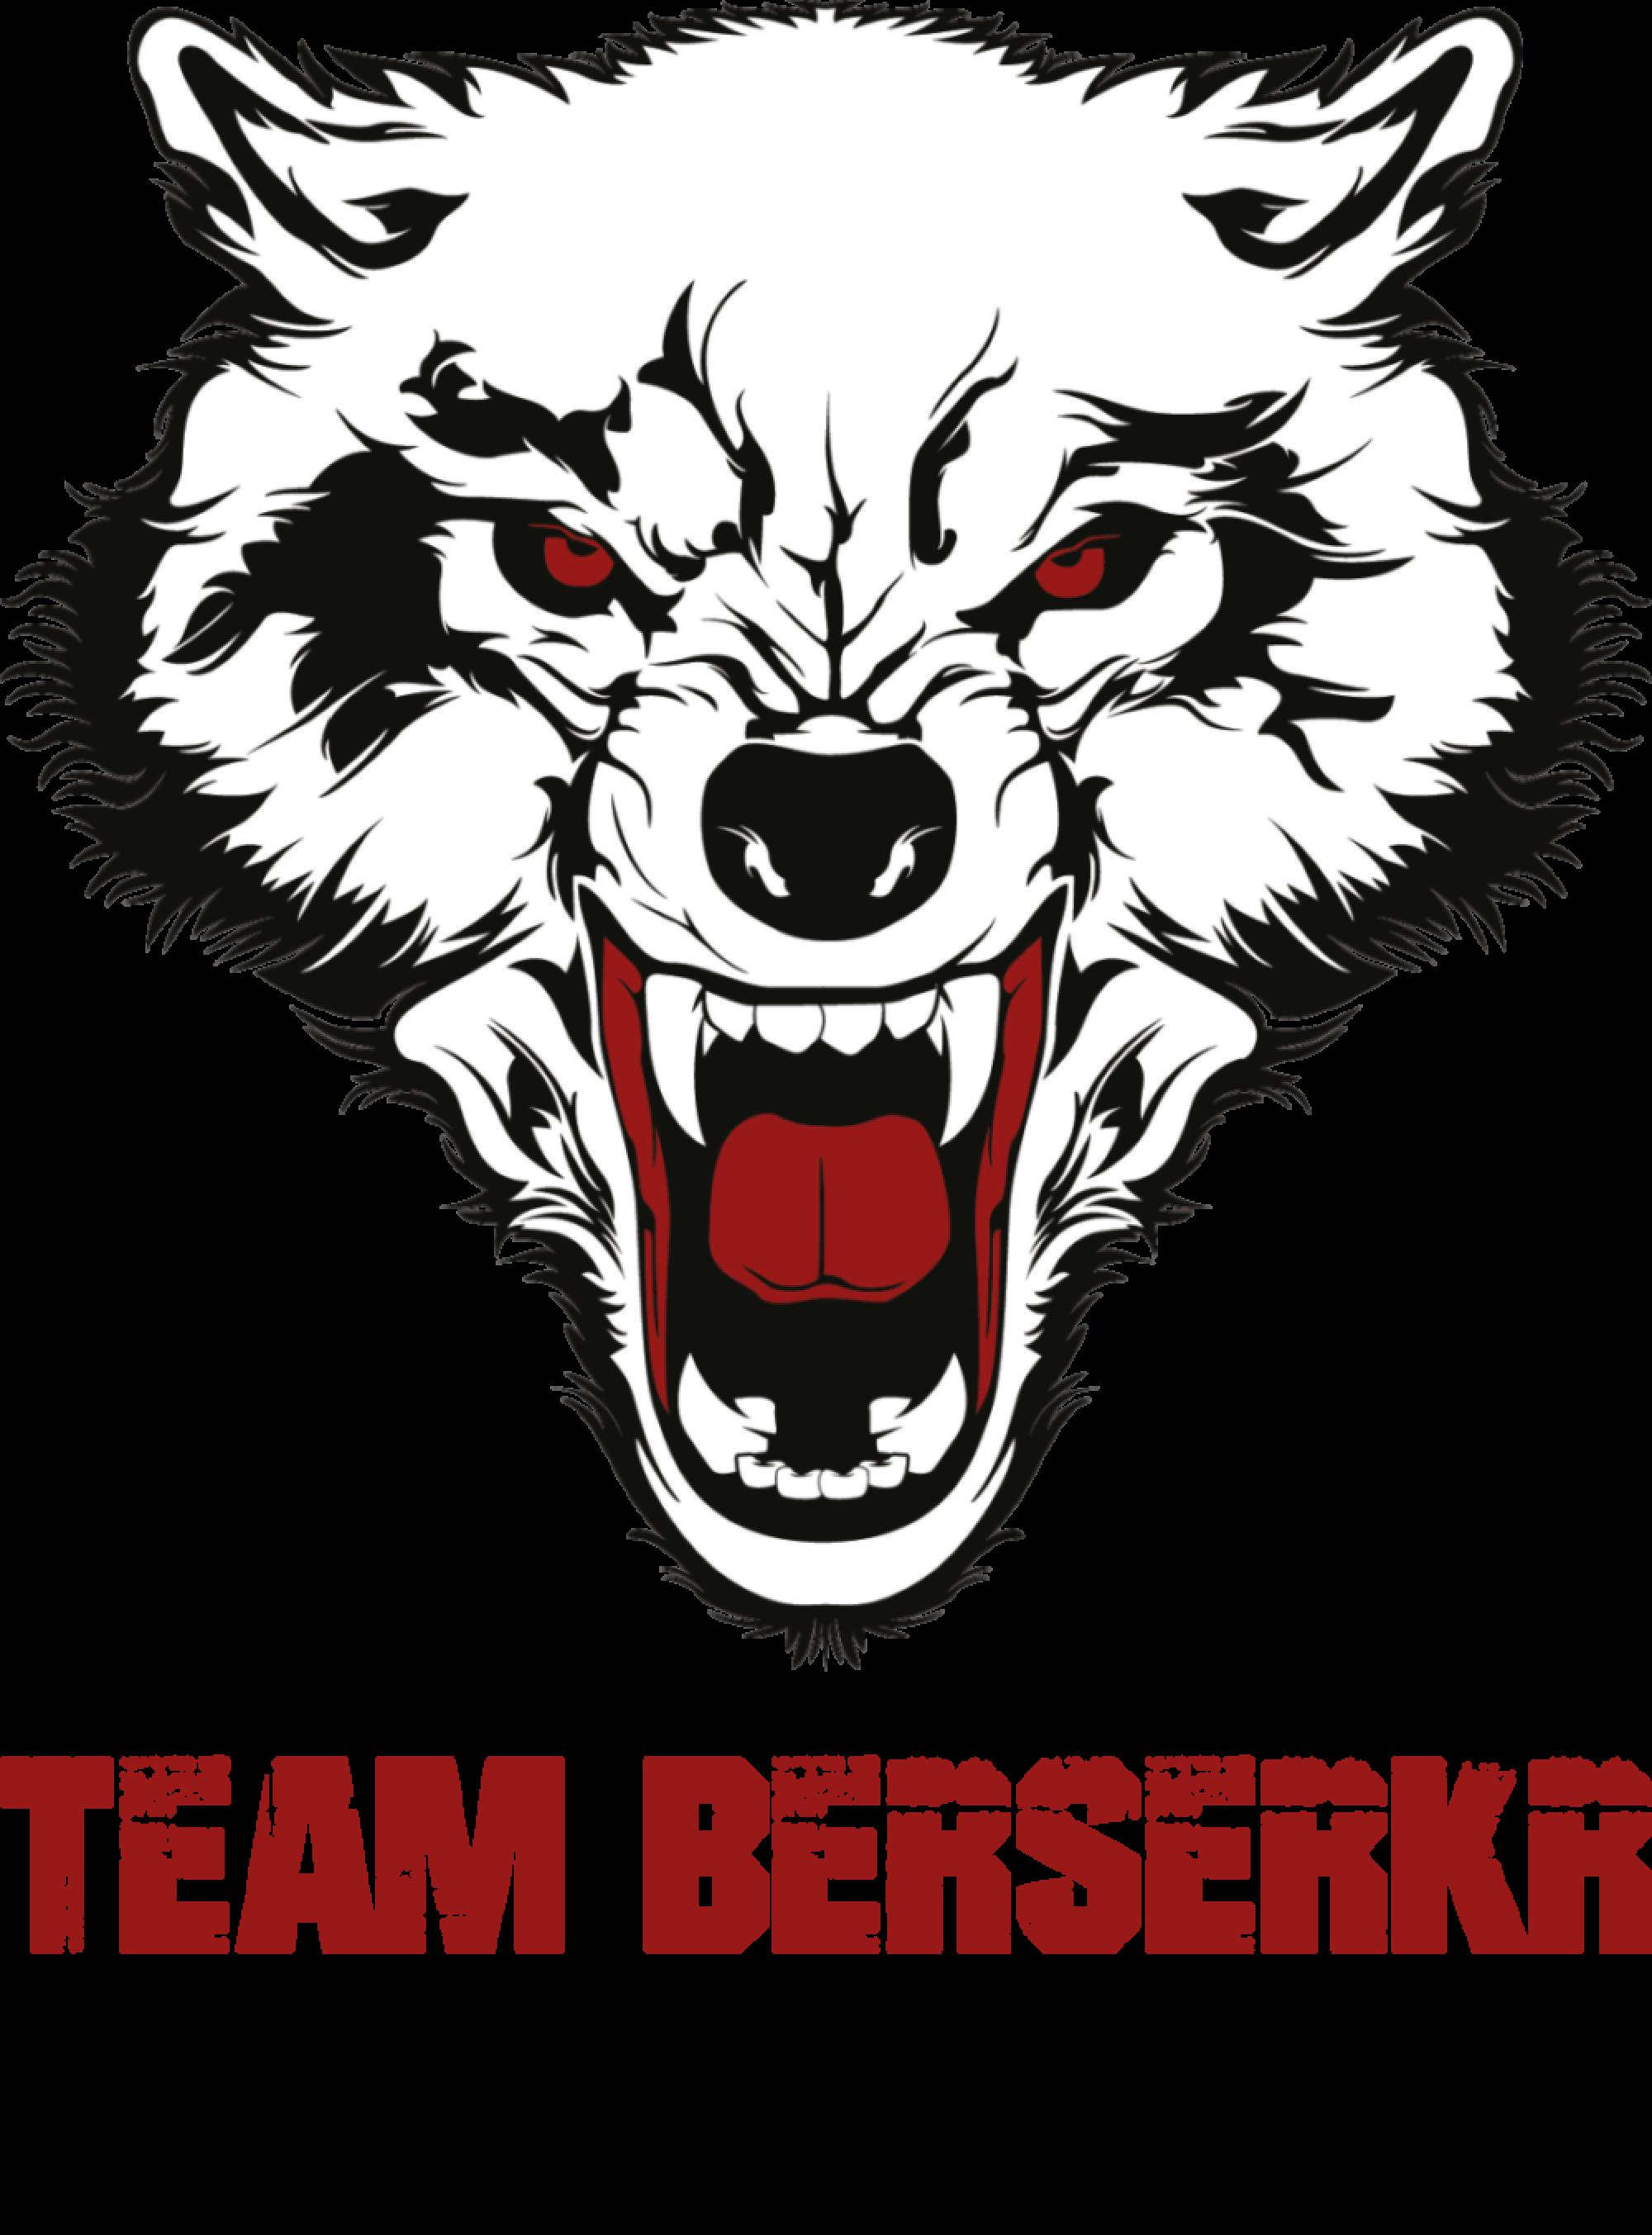 Team-Berserkr